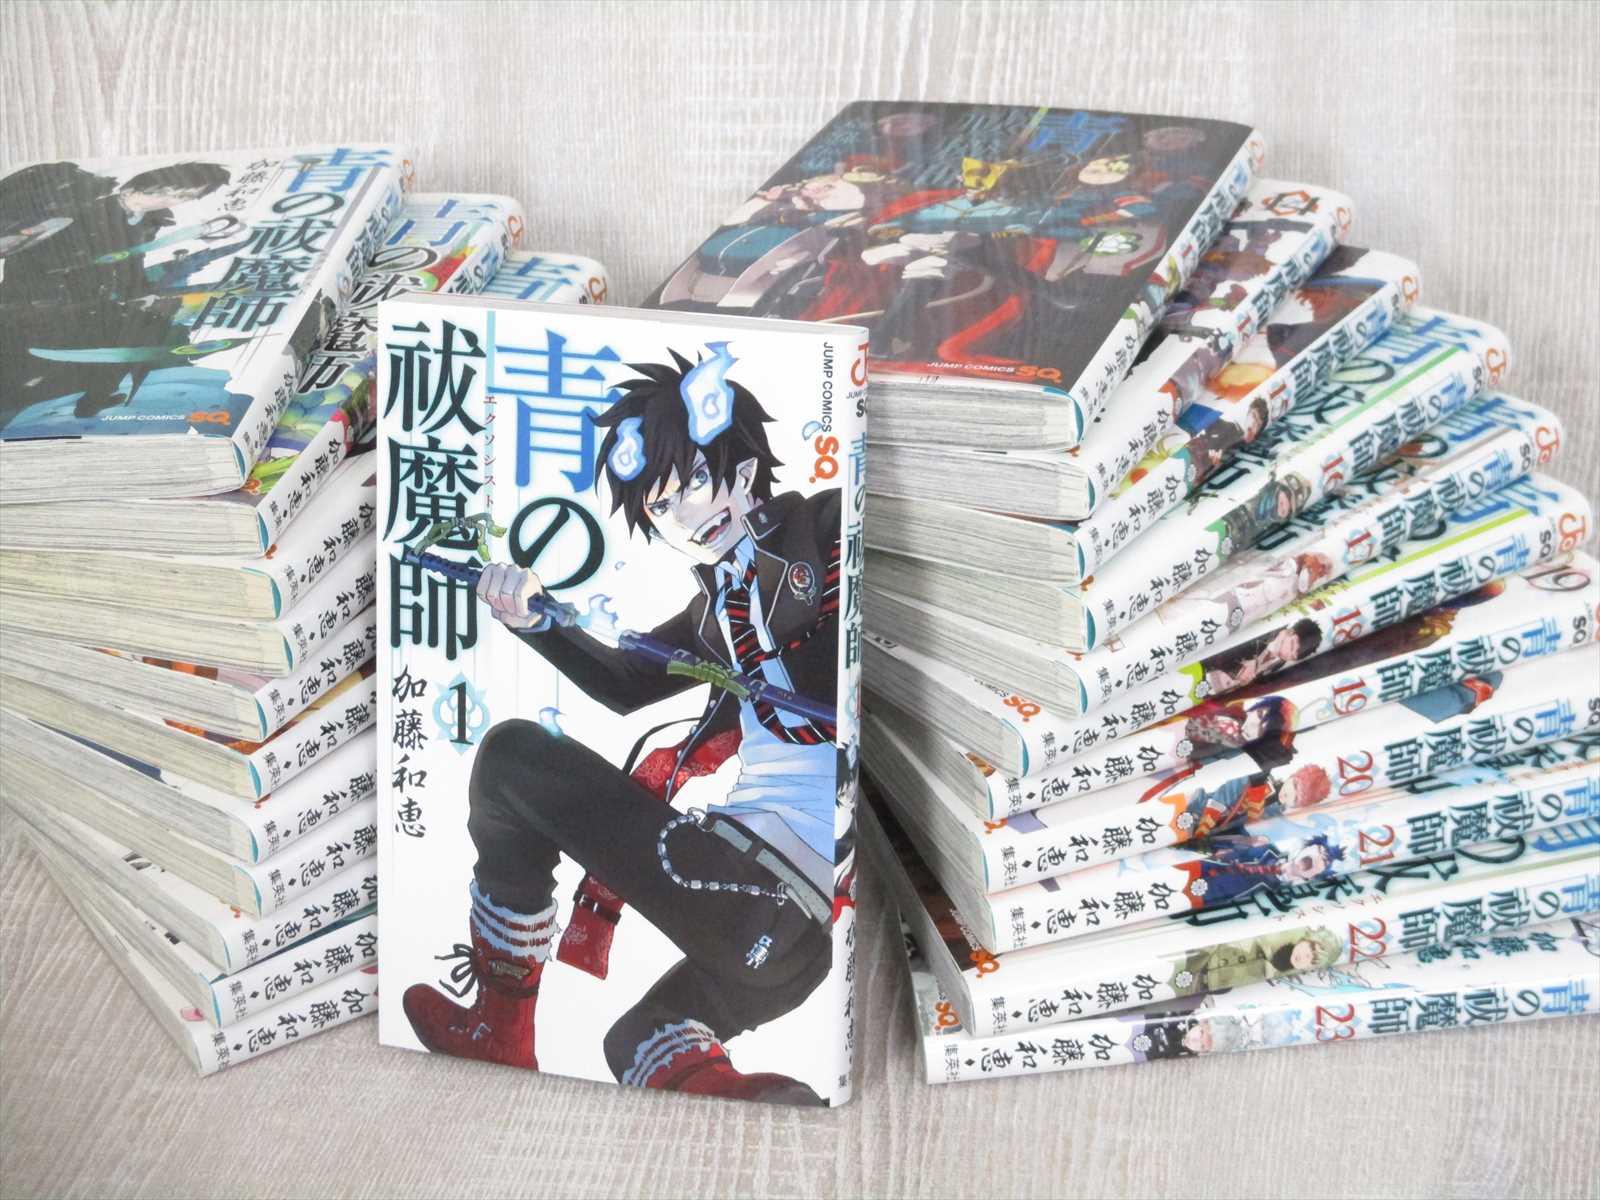 Blue Exorcist Vol 1 23 Manga Comic Japan Book Kazue Kato 23 Books Set Sh Ebay